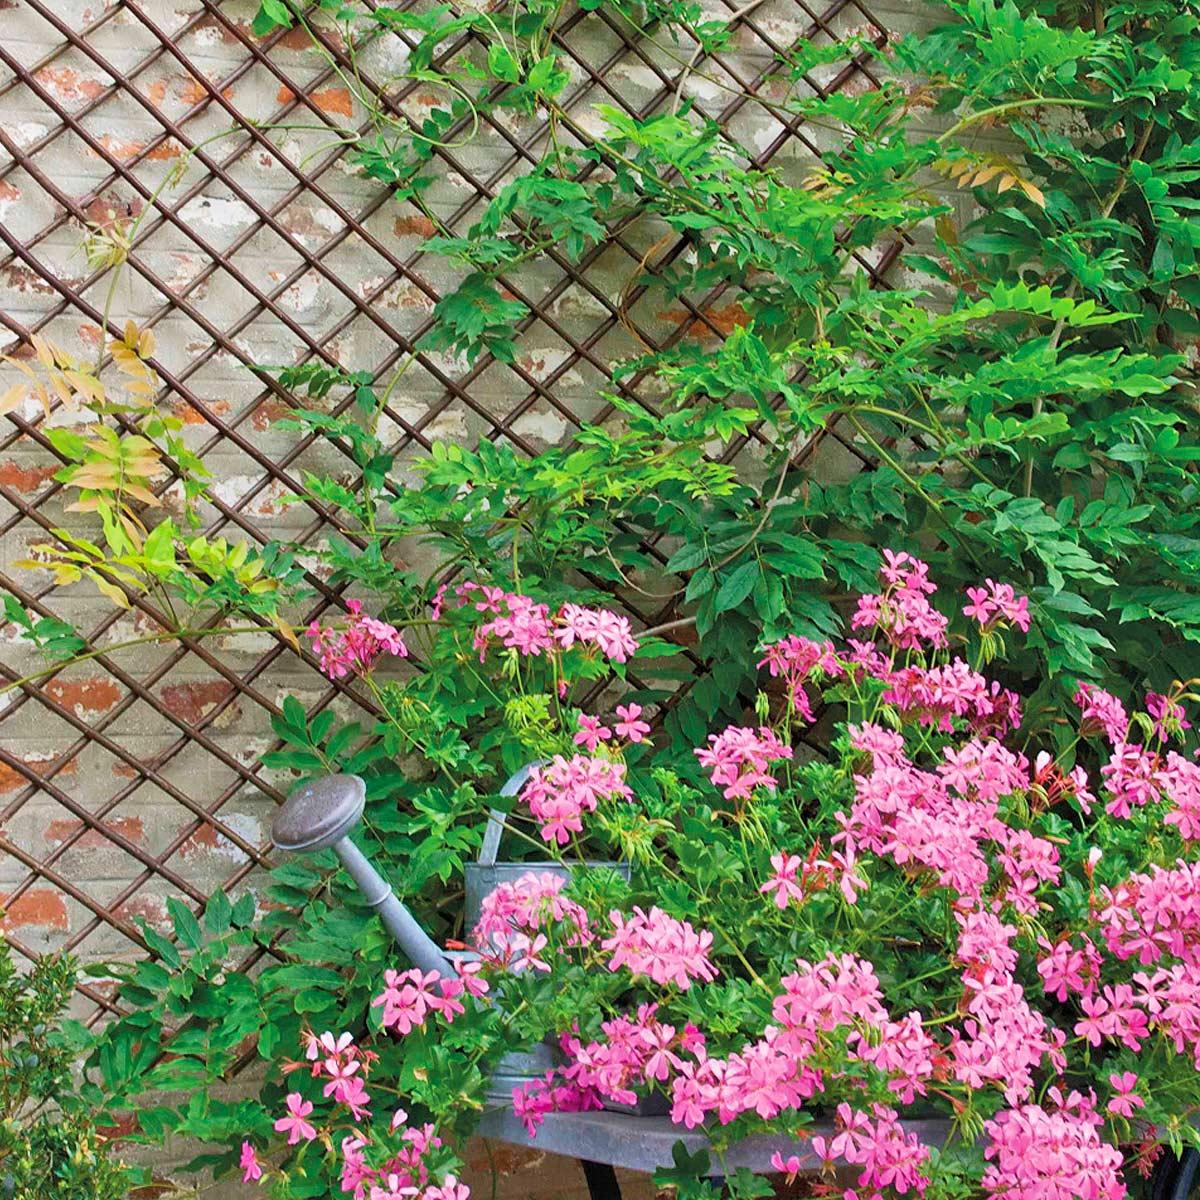 Claustra Treillis Exterieur Bois treillis bois et treillage métal pour plante grimpante